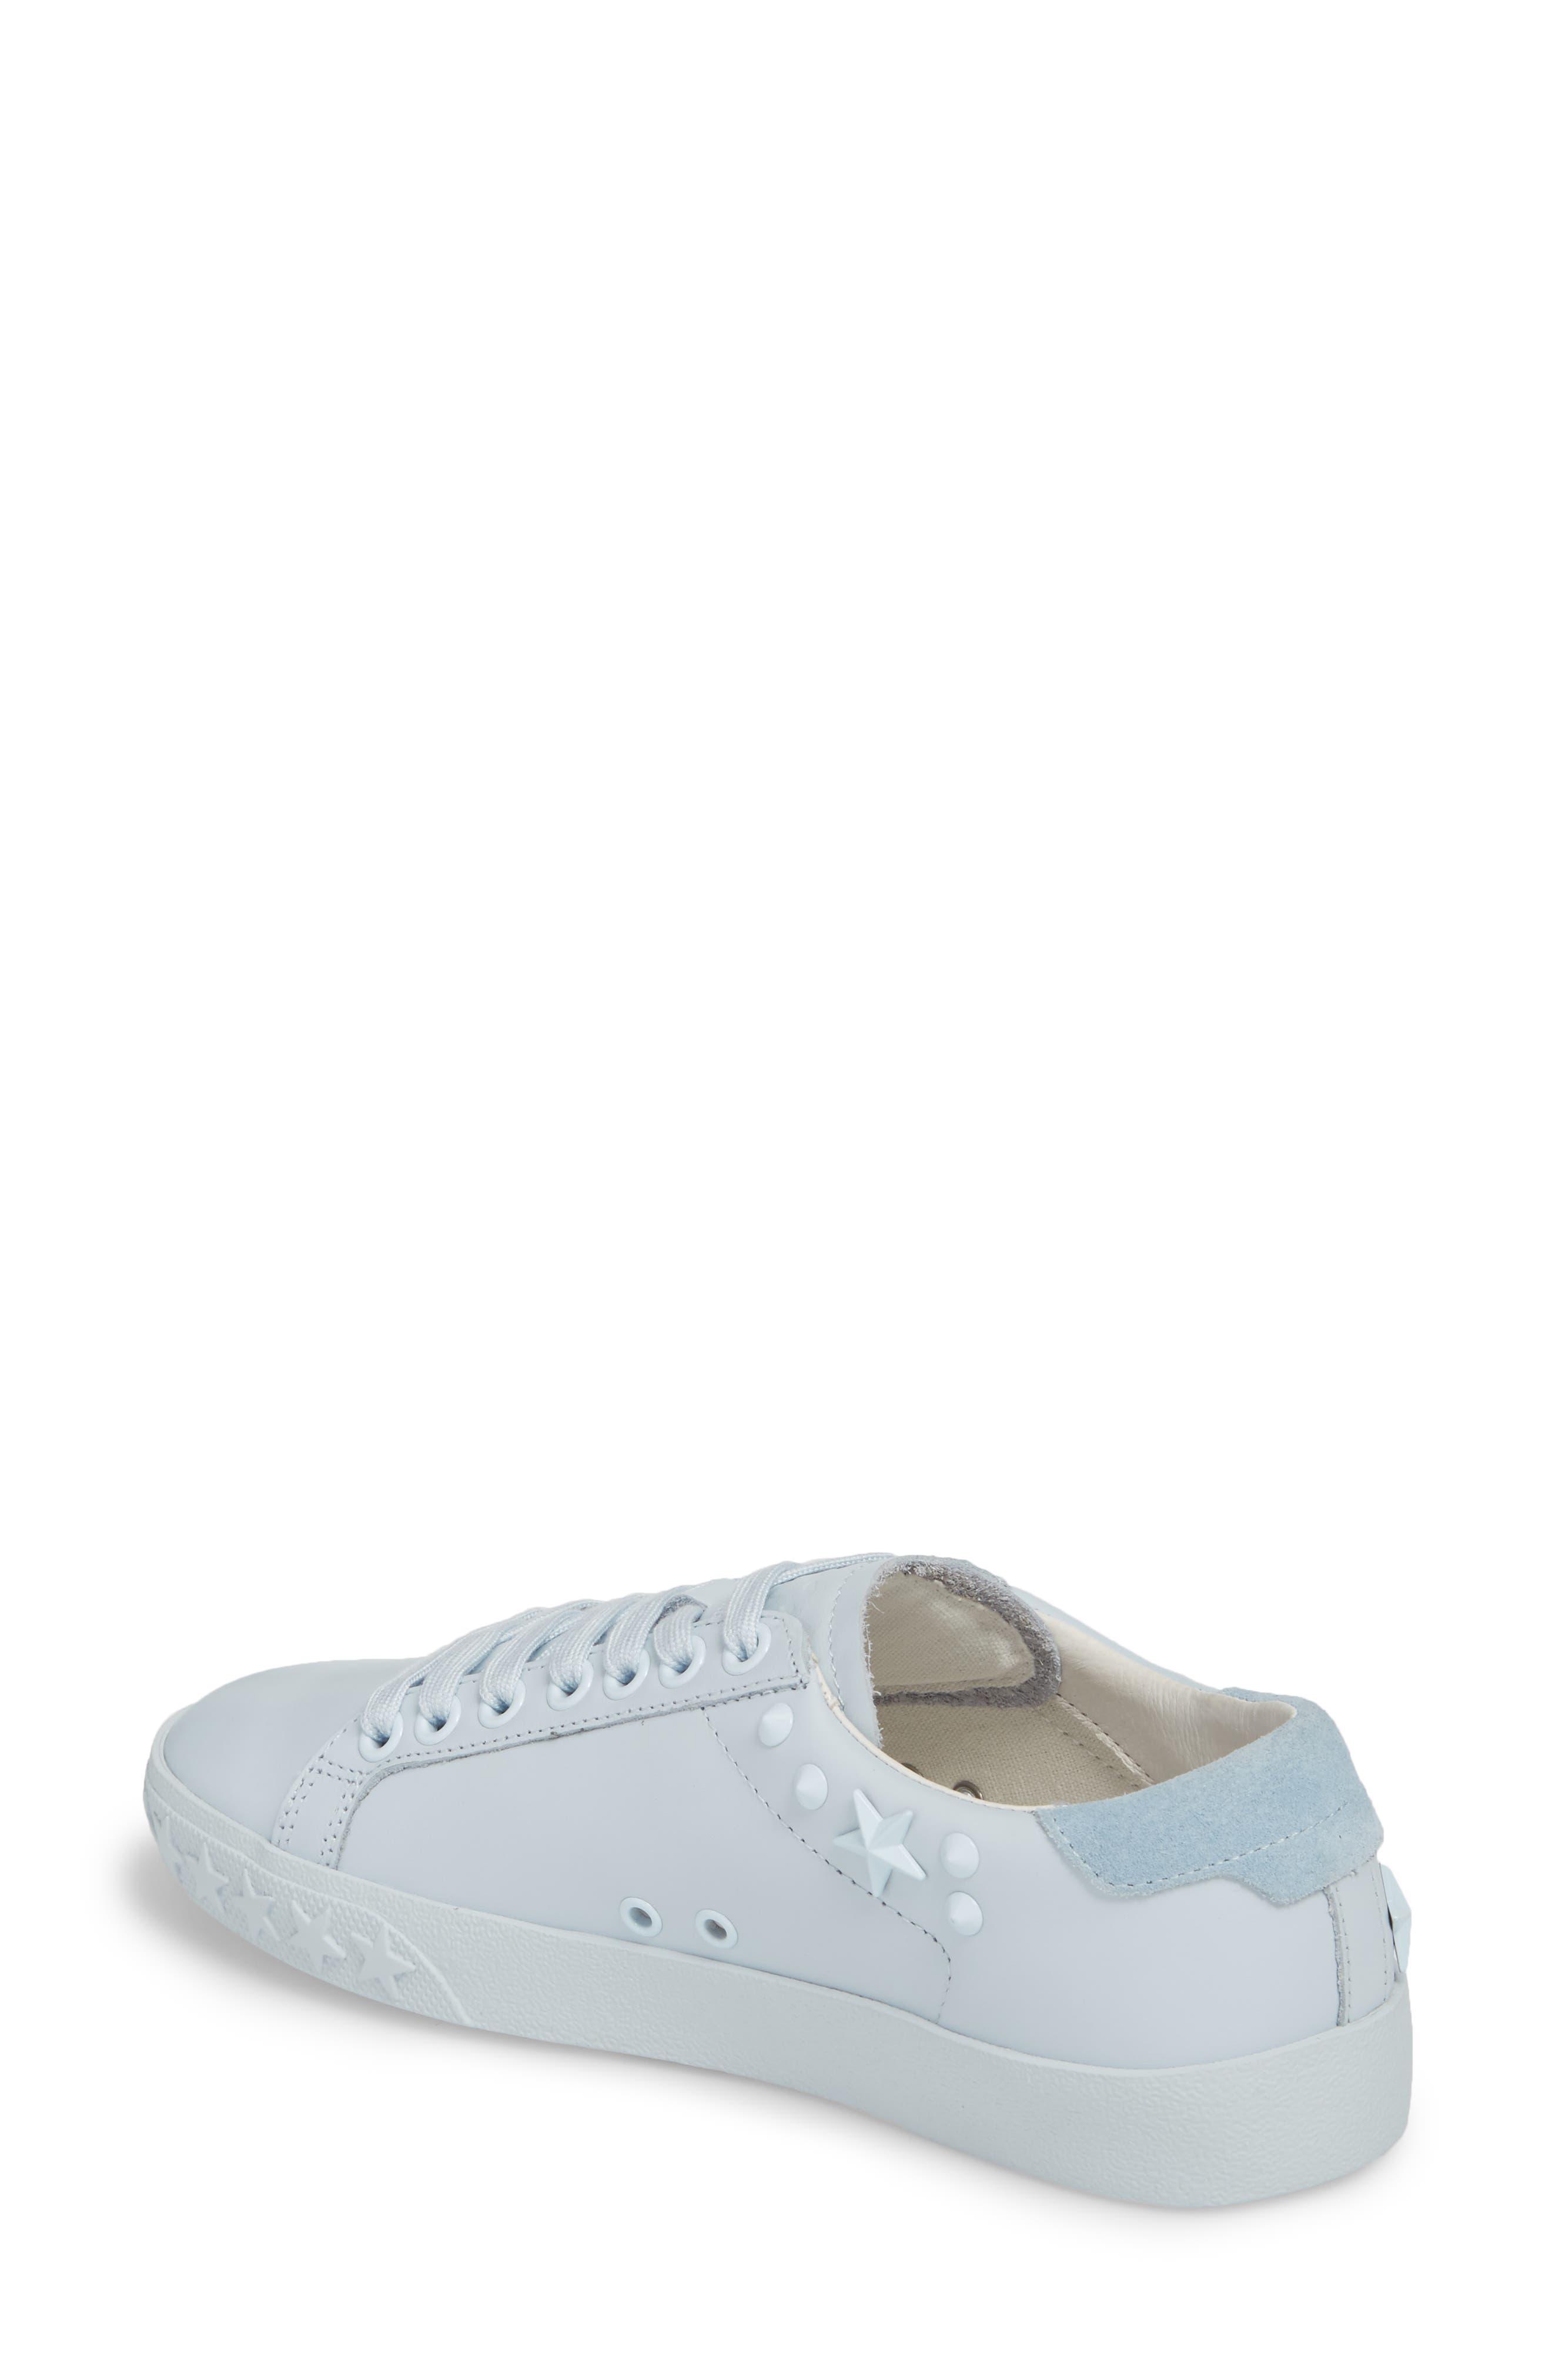 Dazed Sneaker,                             Alternate thumbnail 4, color,